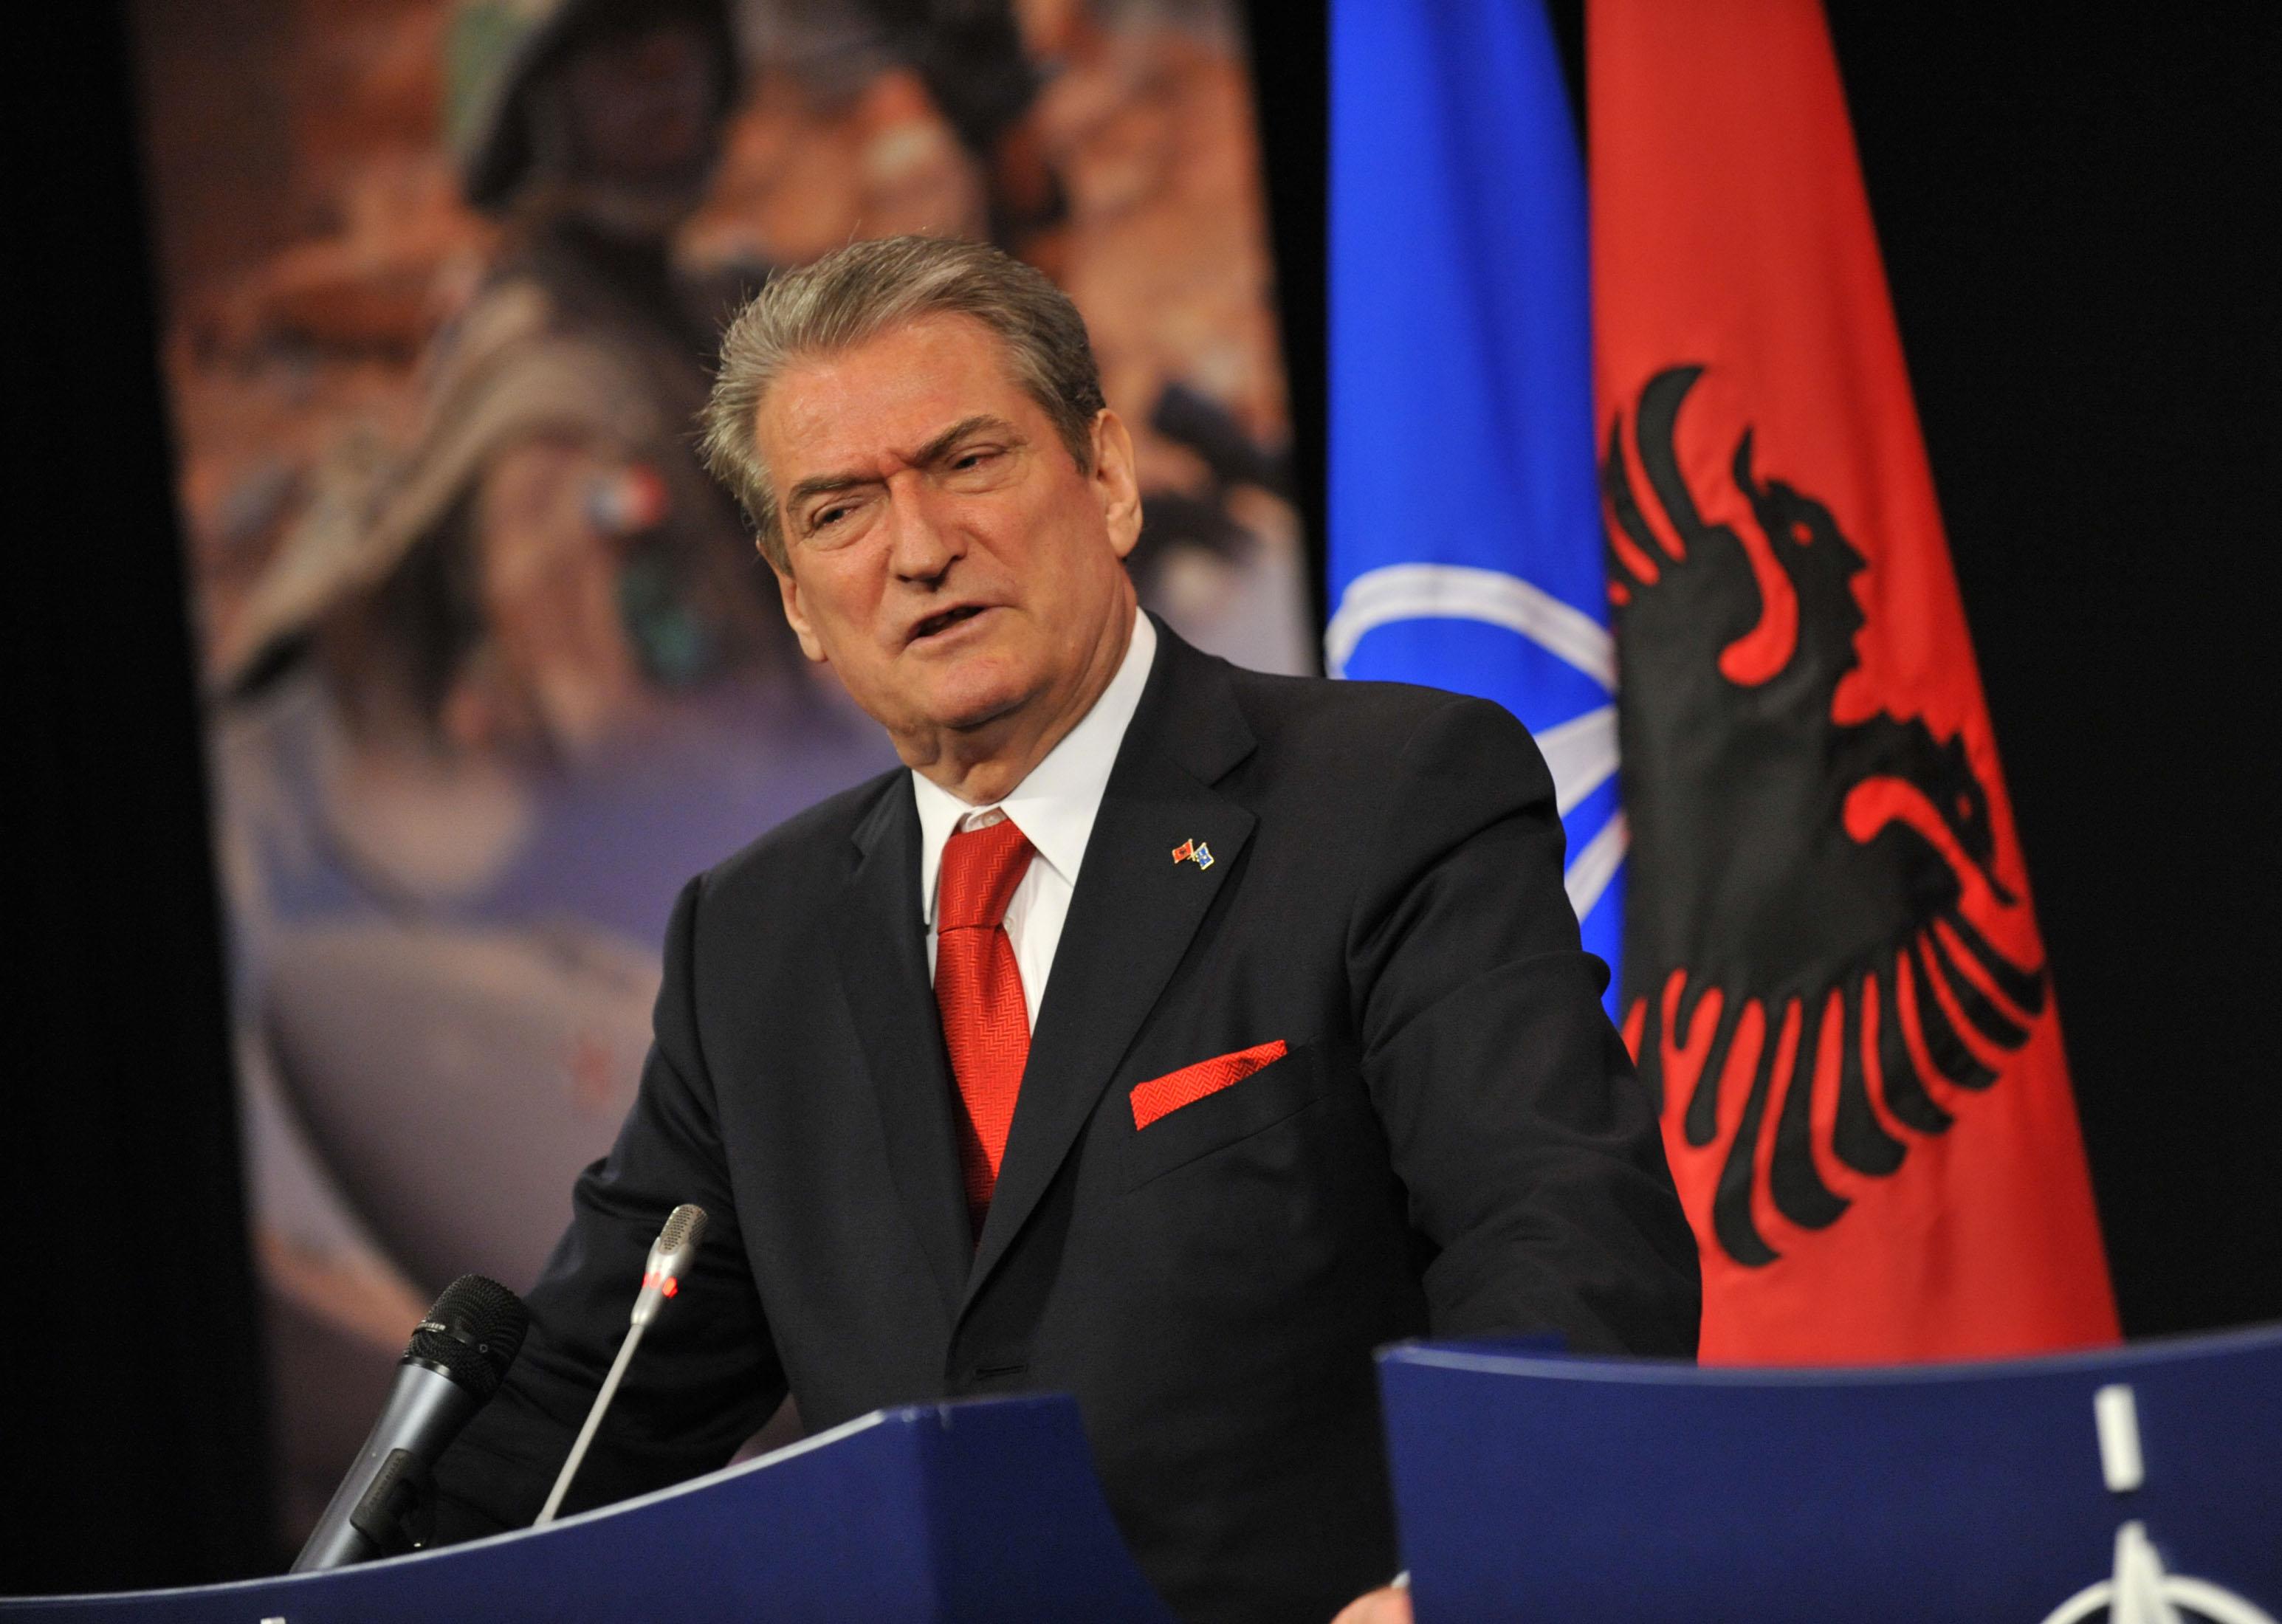 Berisha: Shqipëria me Ramën është kthyer nën një narkoshtet, nuk ka zgjedhje të lira